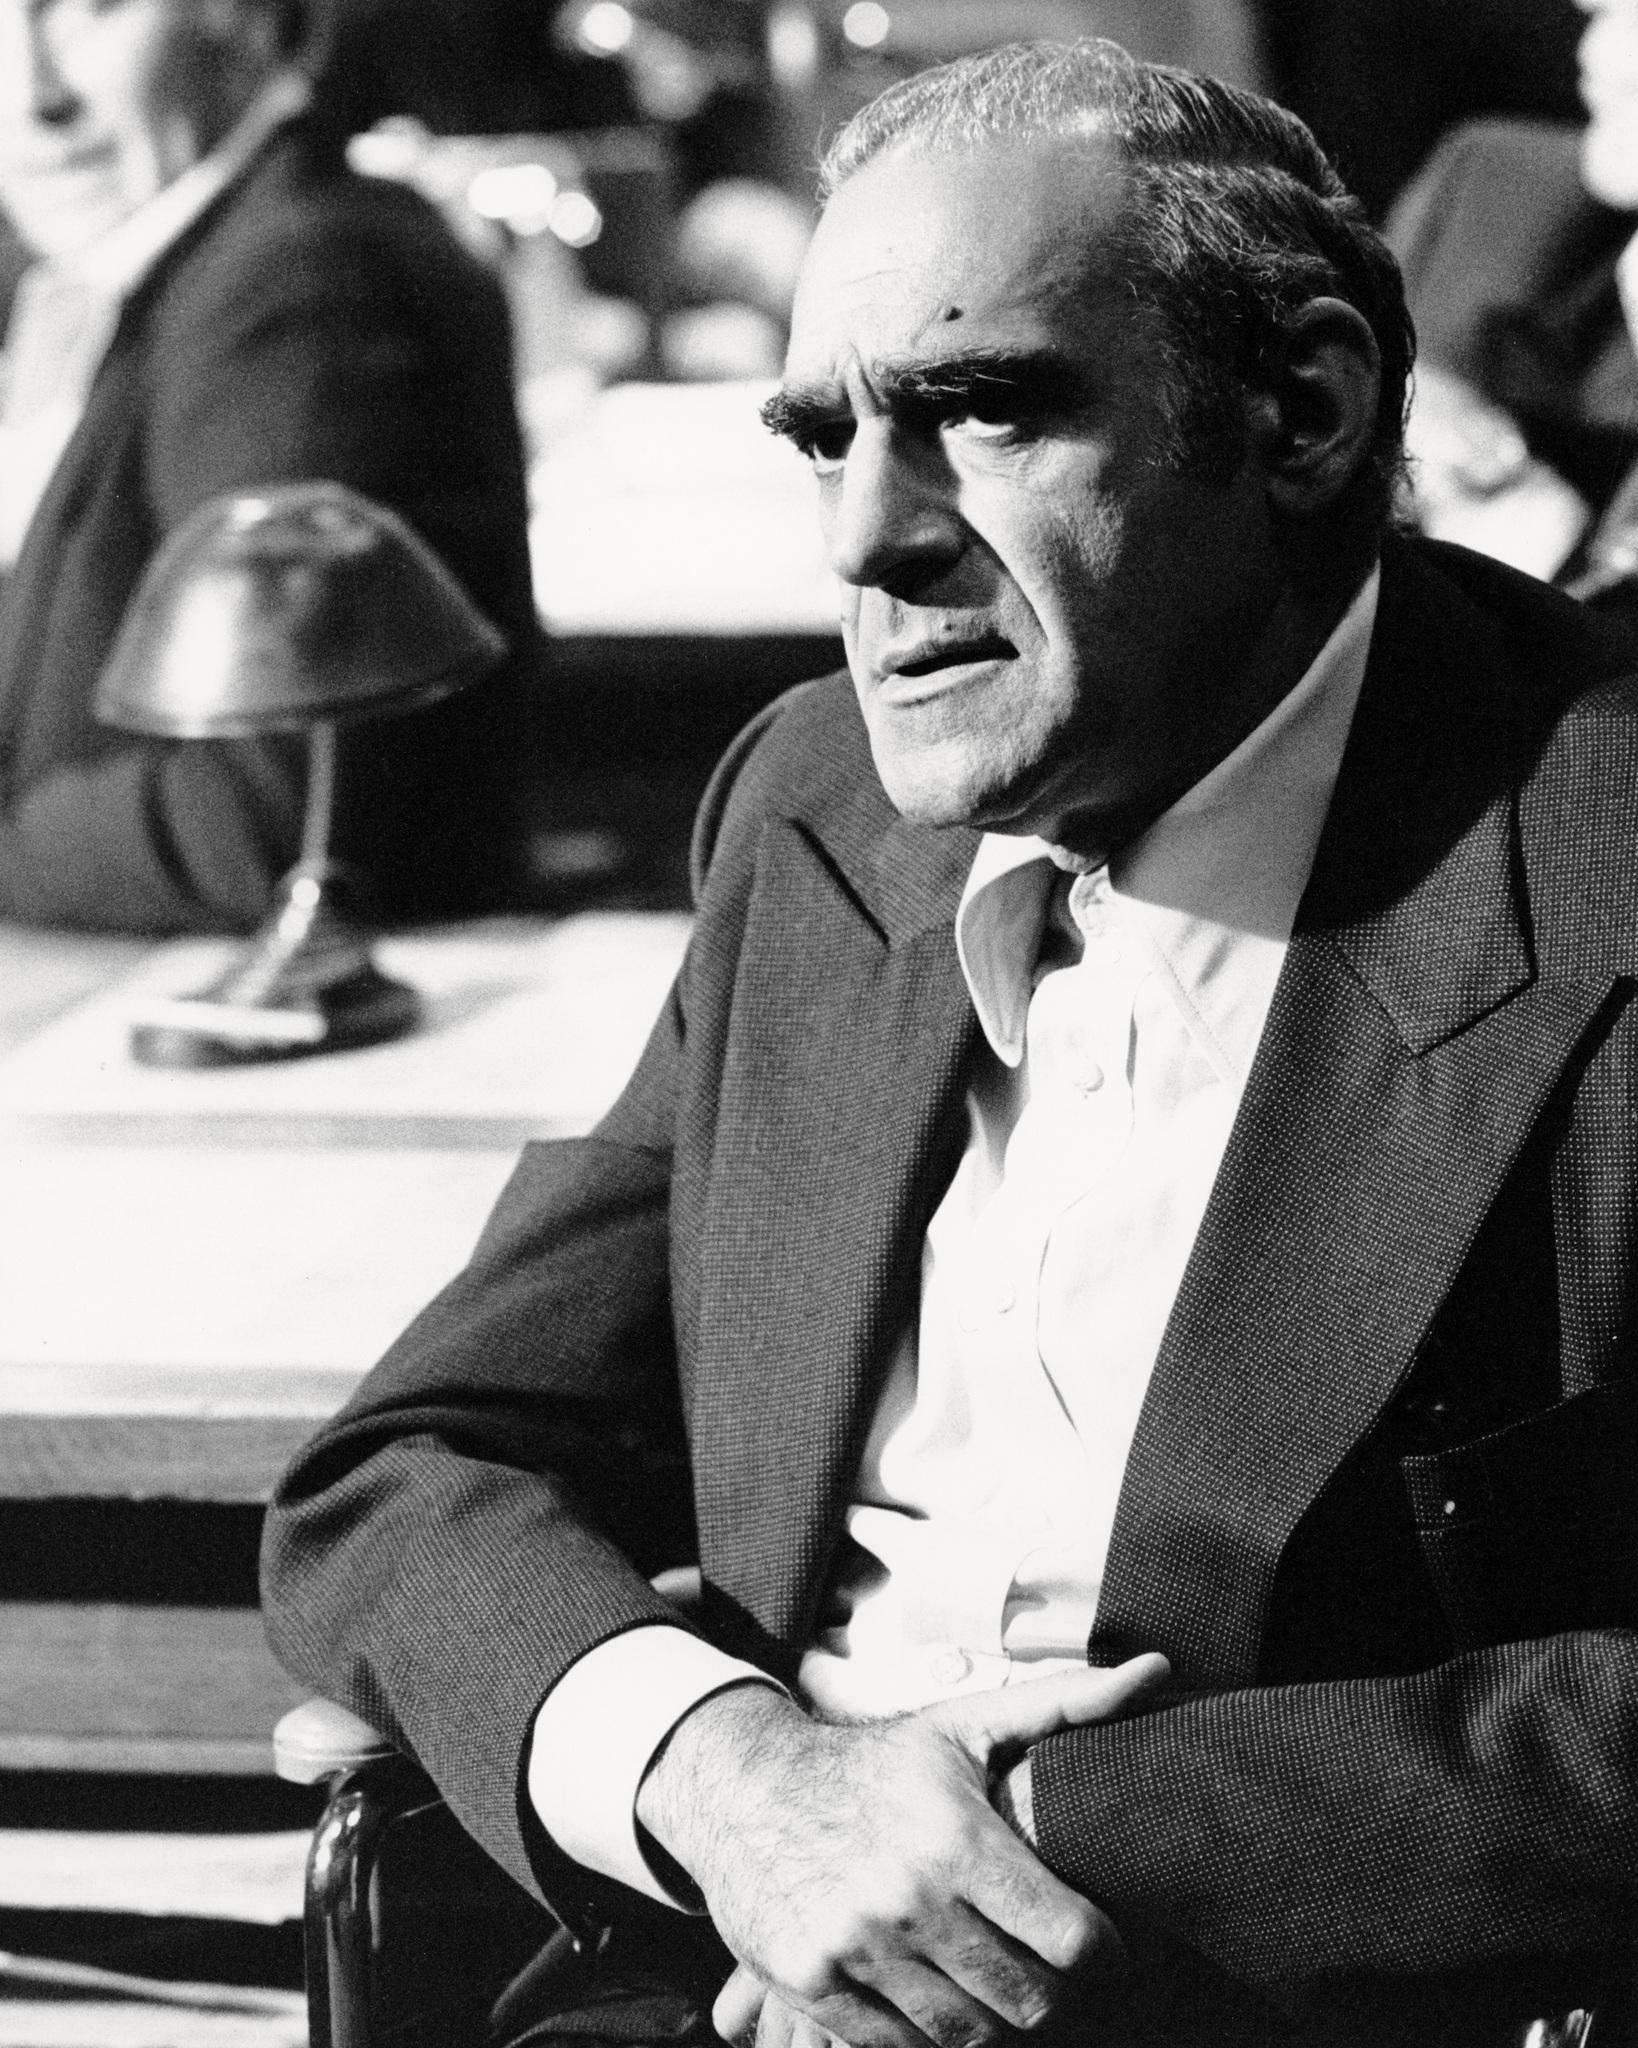 Abe Vigoda in The Godfather (1972)